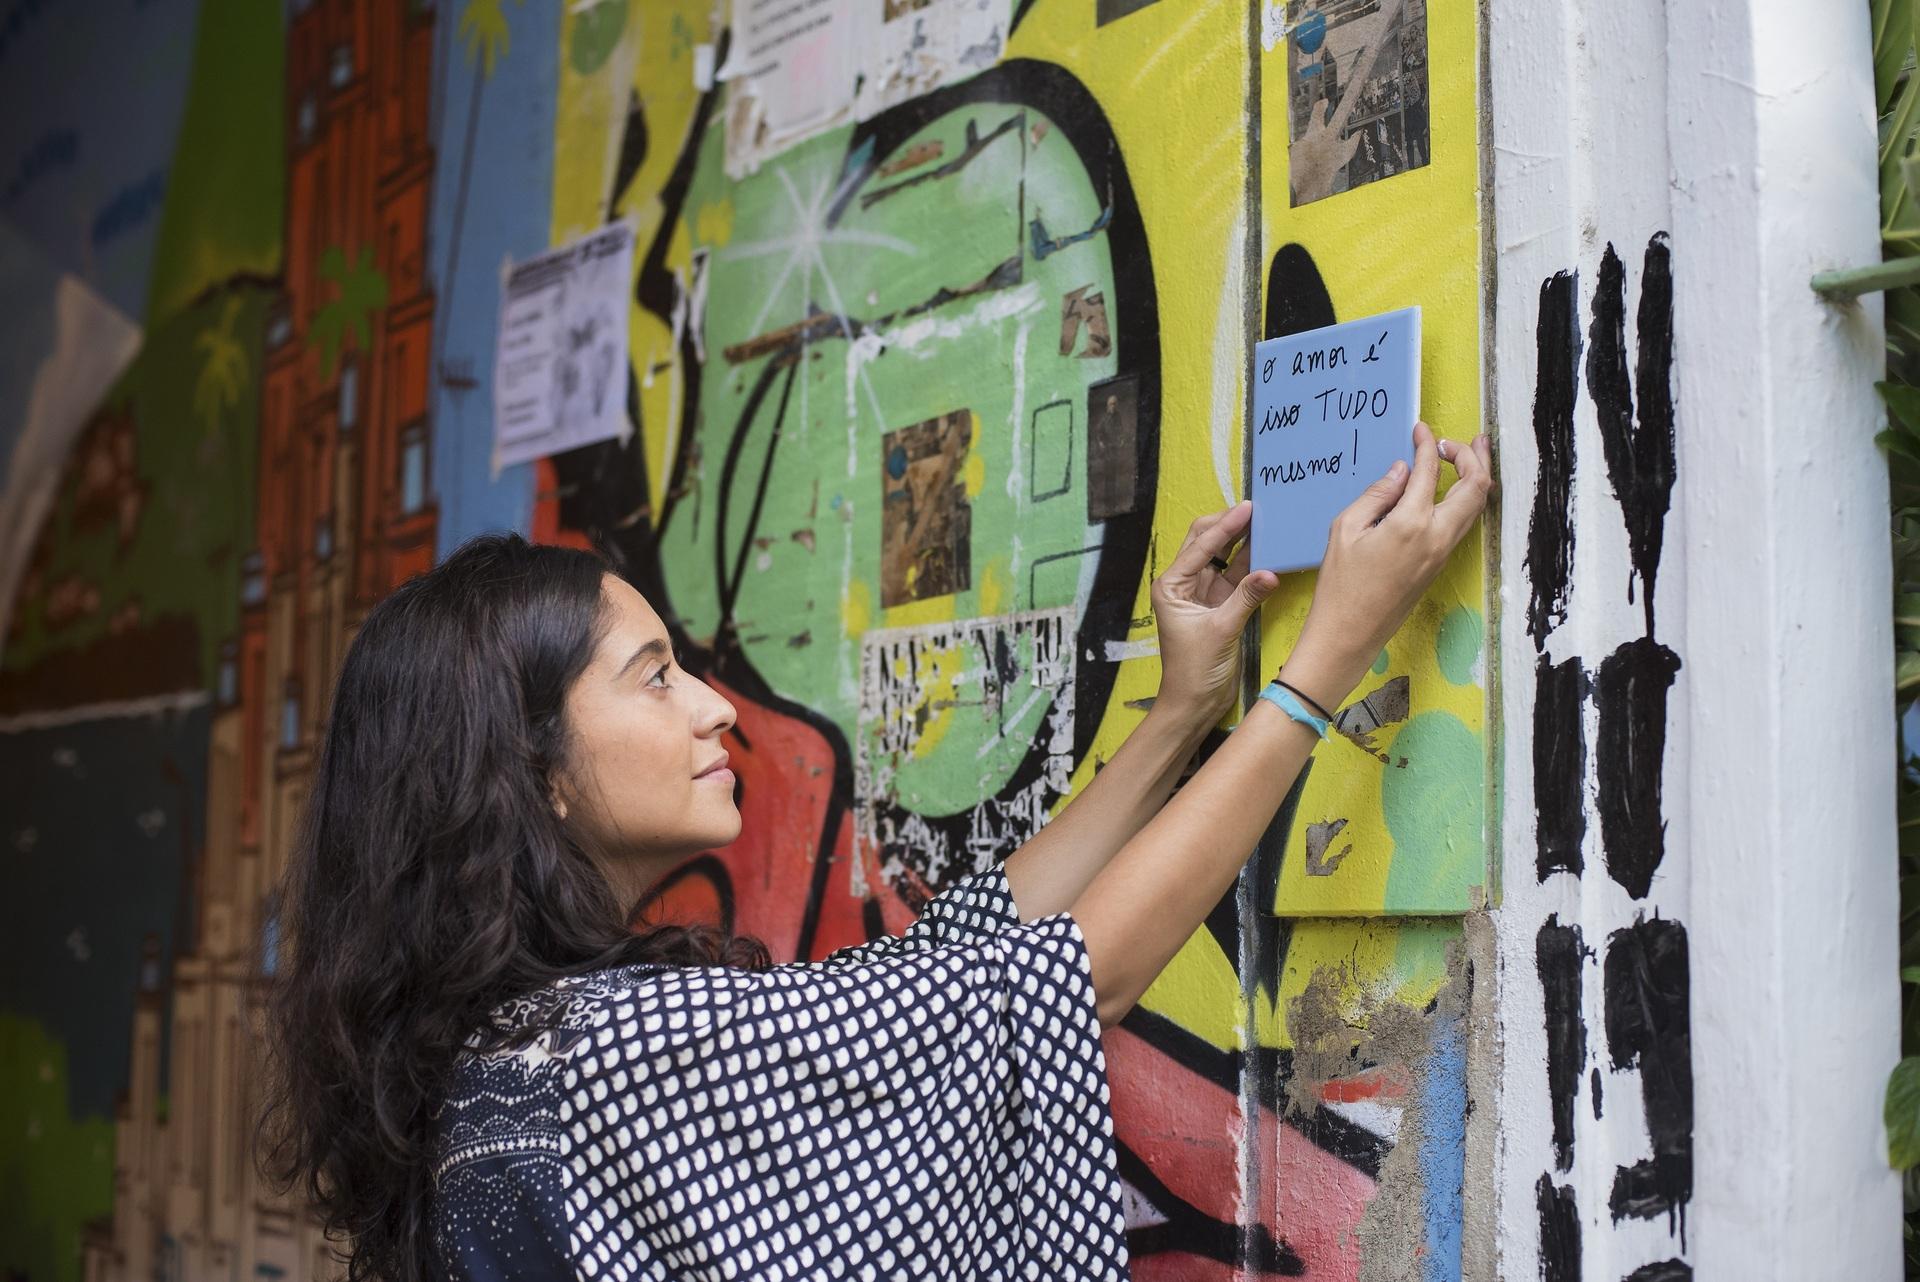 Mulher coloca ladrilha com poesia nas ruas do Rio de Janeiro